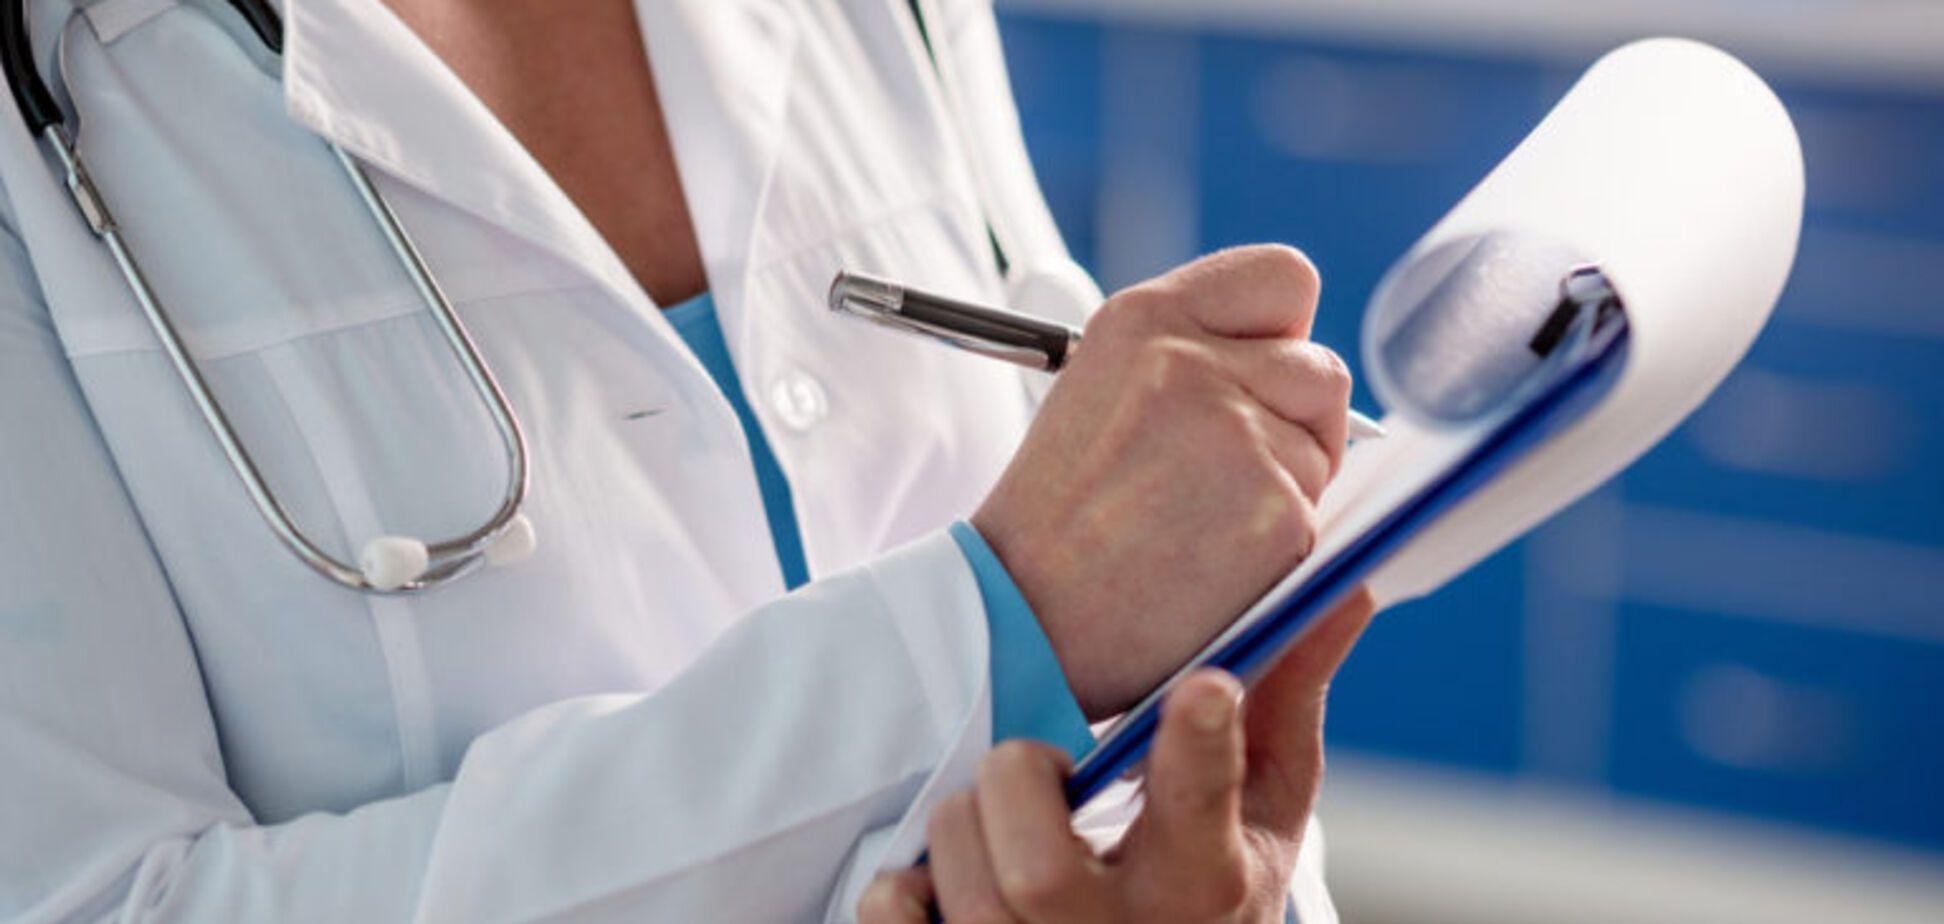 В Украине введут базовые тарифы на медицину: что это значит